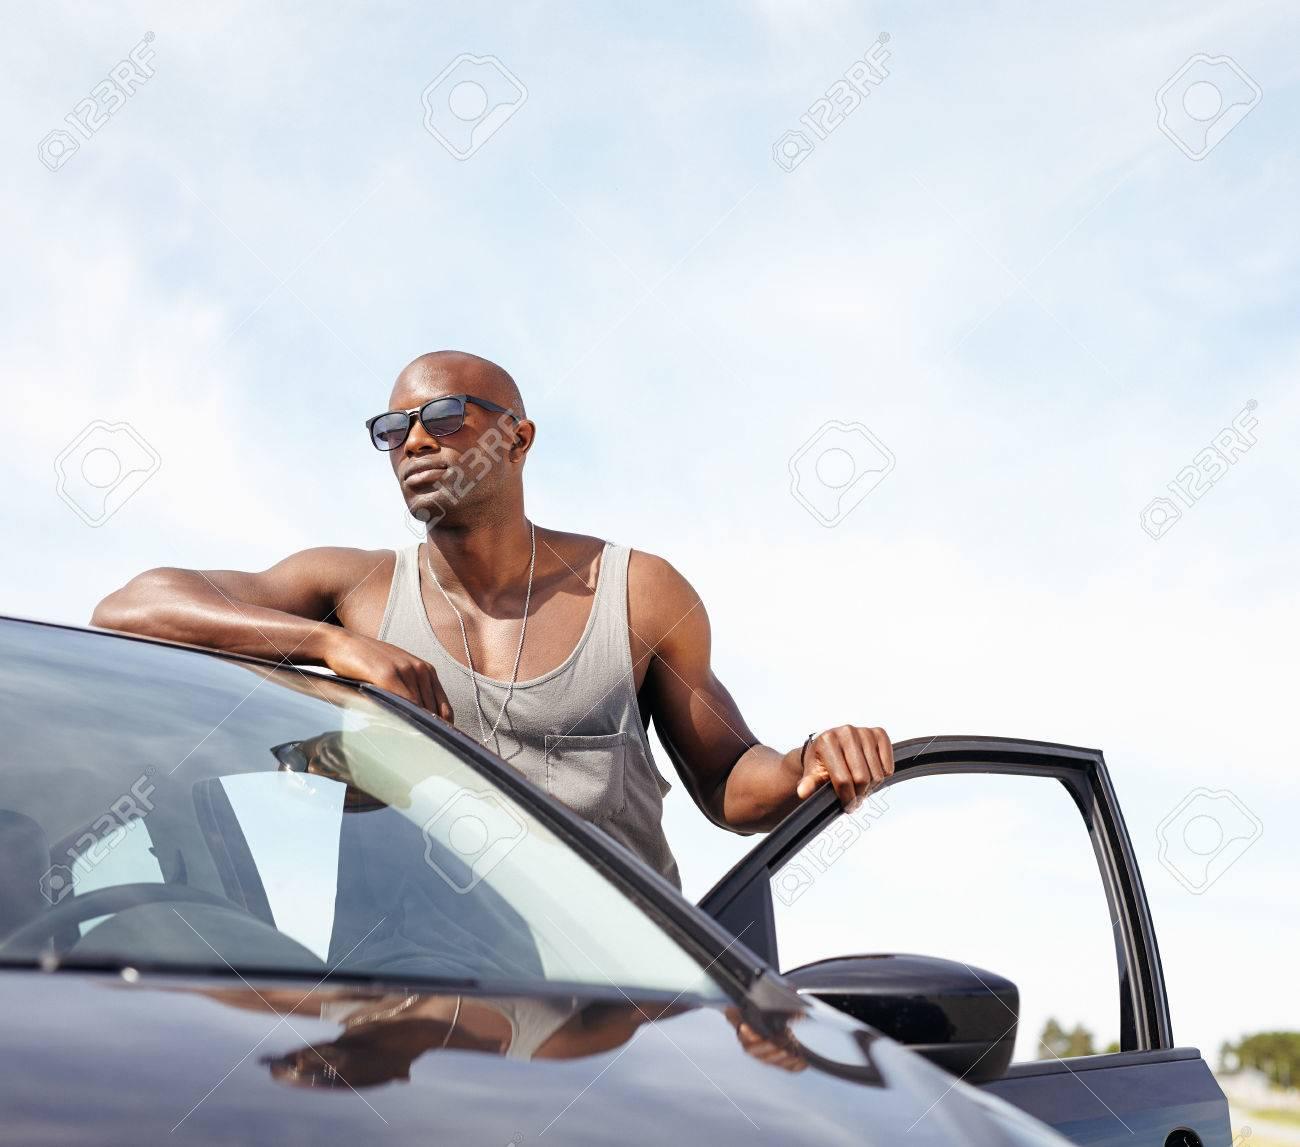 Homme Voiture Appuyé Des Portrait Africains Près En Soleil Debout Hommes La Smart Jeune Détournant VoitureModèle Sur Lunettes Sa De rdxeCBo